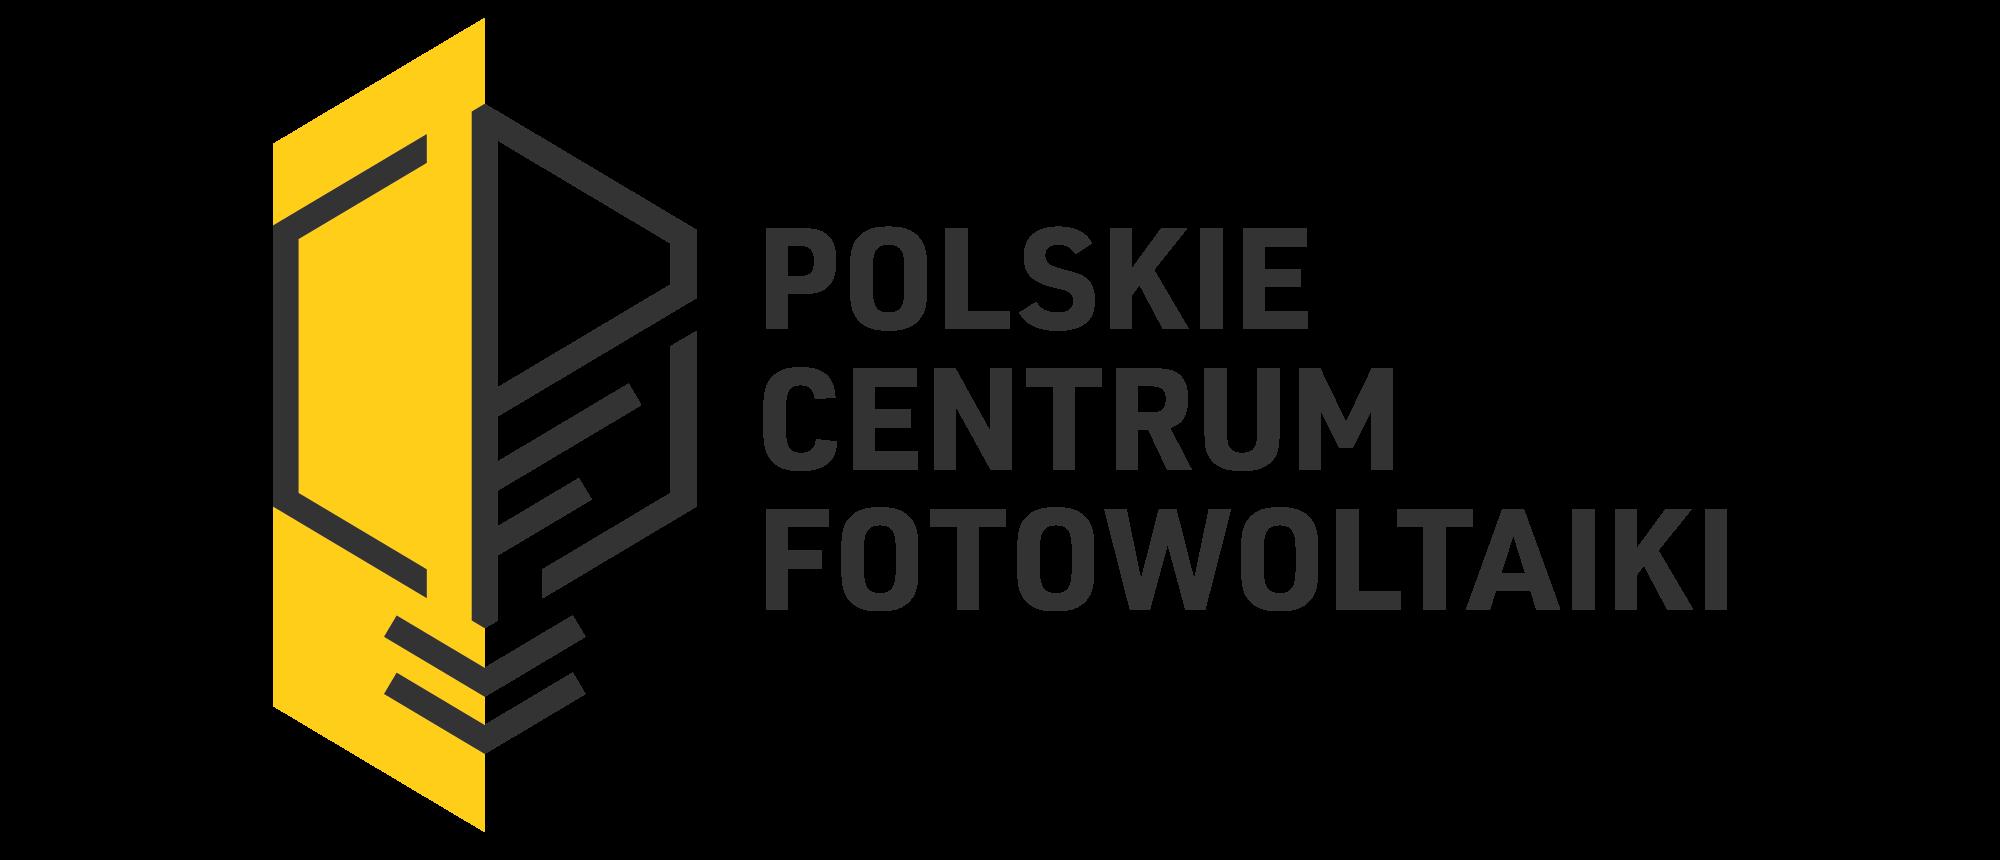 Polskie Centrum Fotowoltaiki